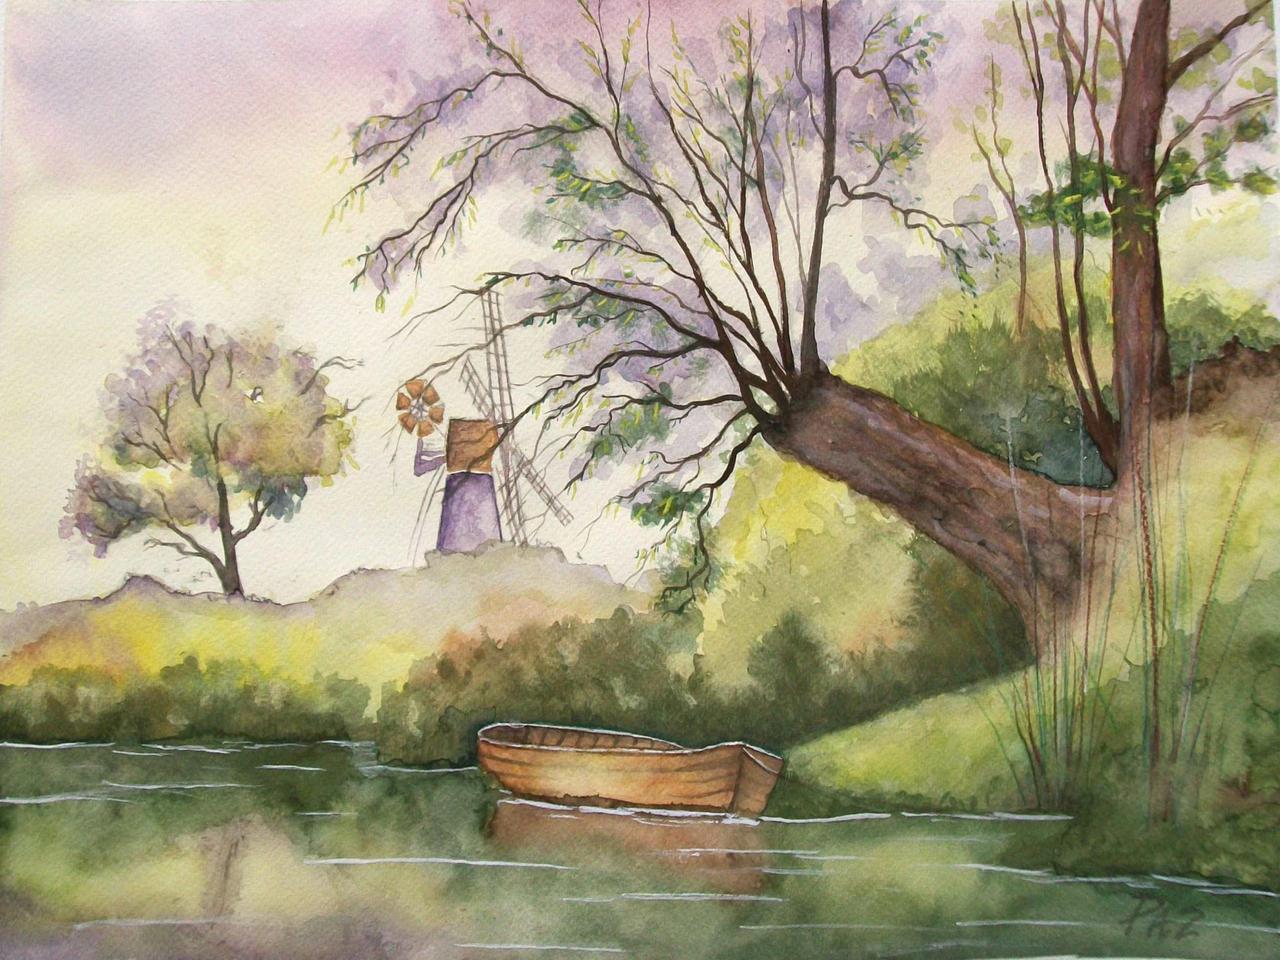 Barca y Molino by Terran-21